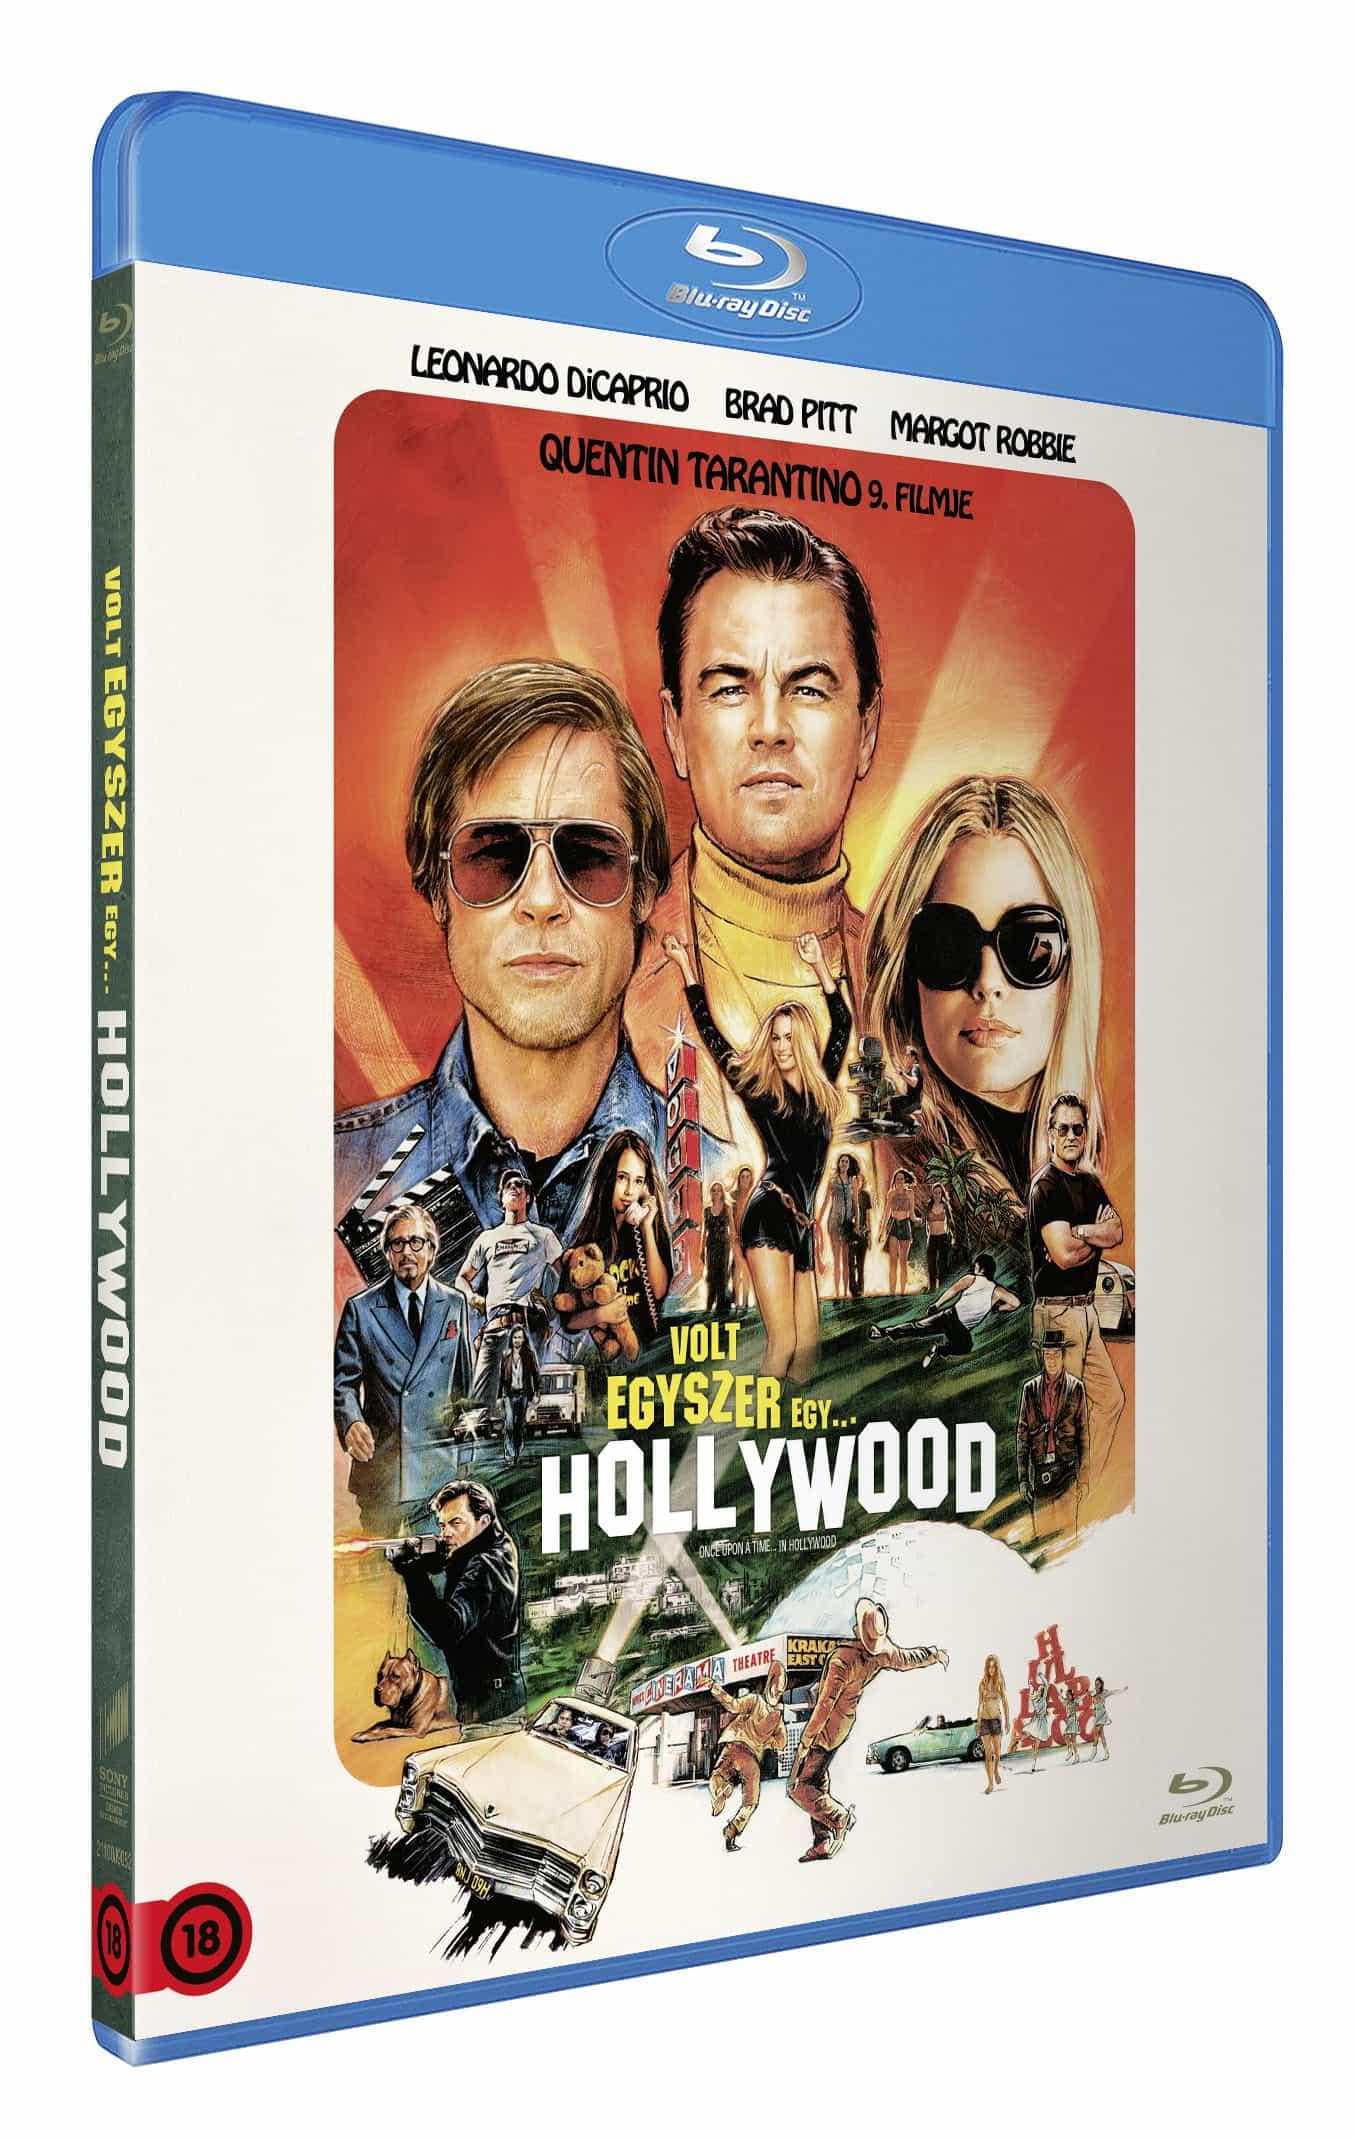 Volt egyszer egy... Hollywood - Blu-ray